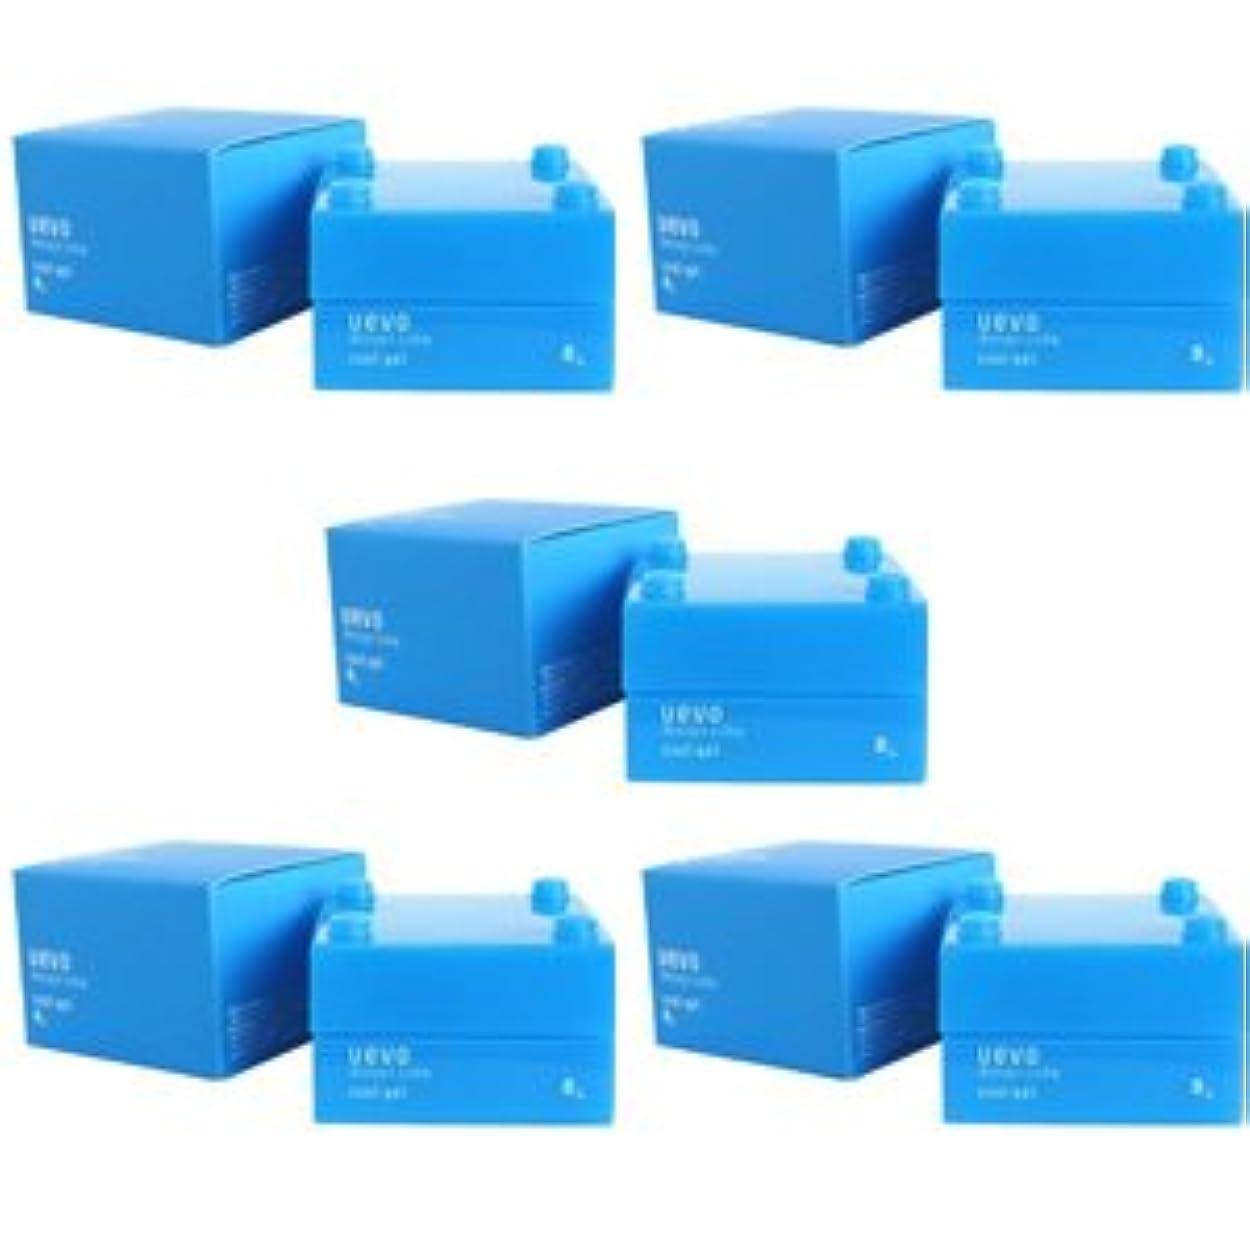 死ぬ狂気ボタン【X5個セット】 デミ ウェーボ デザインキューブ クールジェル 30g cool gel DEMI uevo design cube